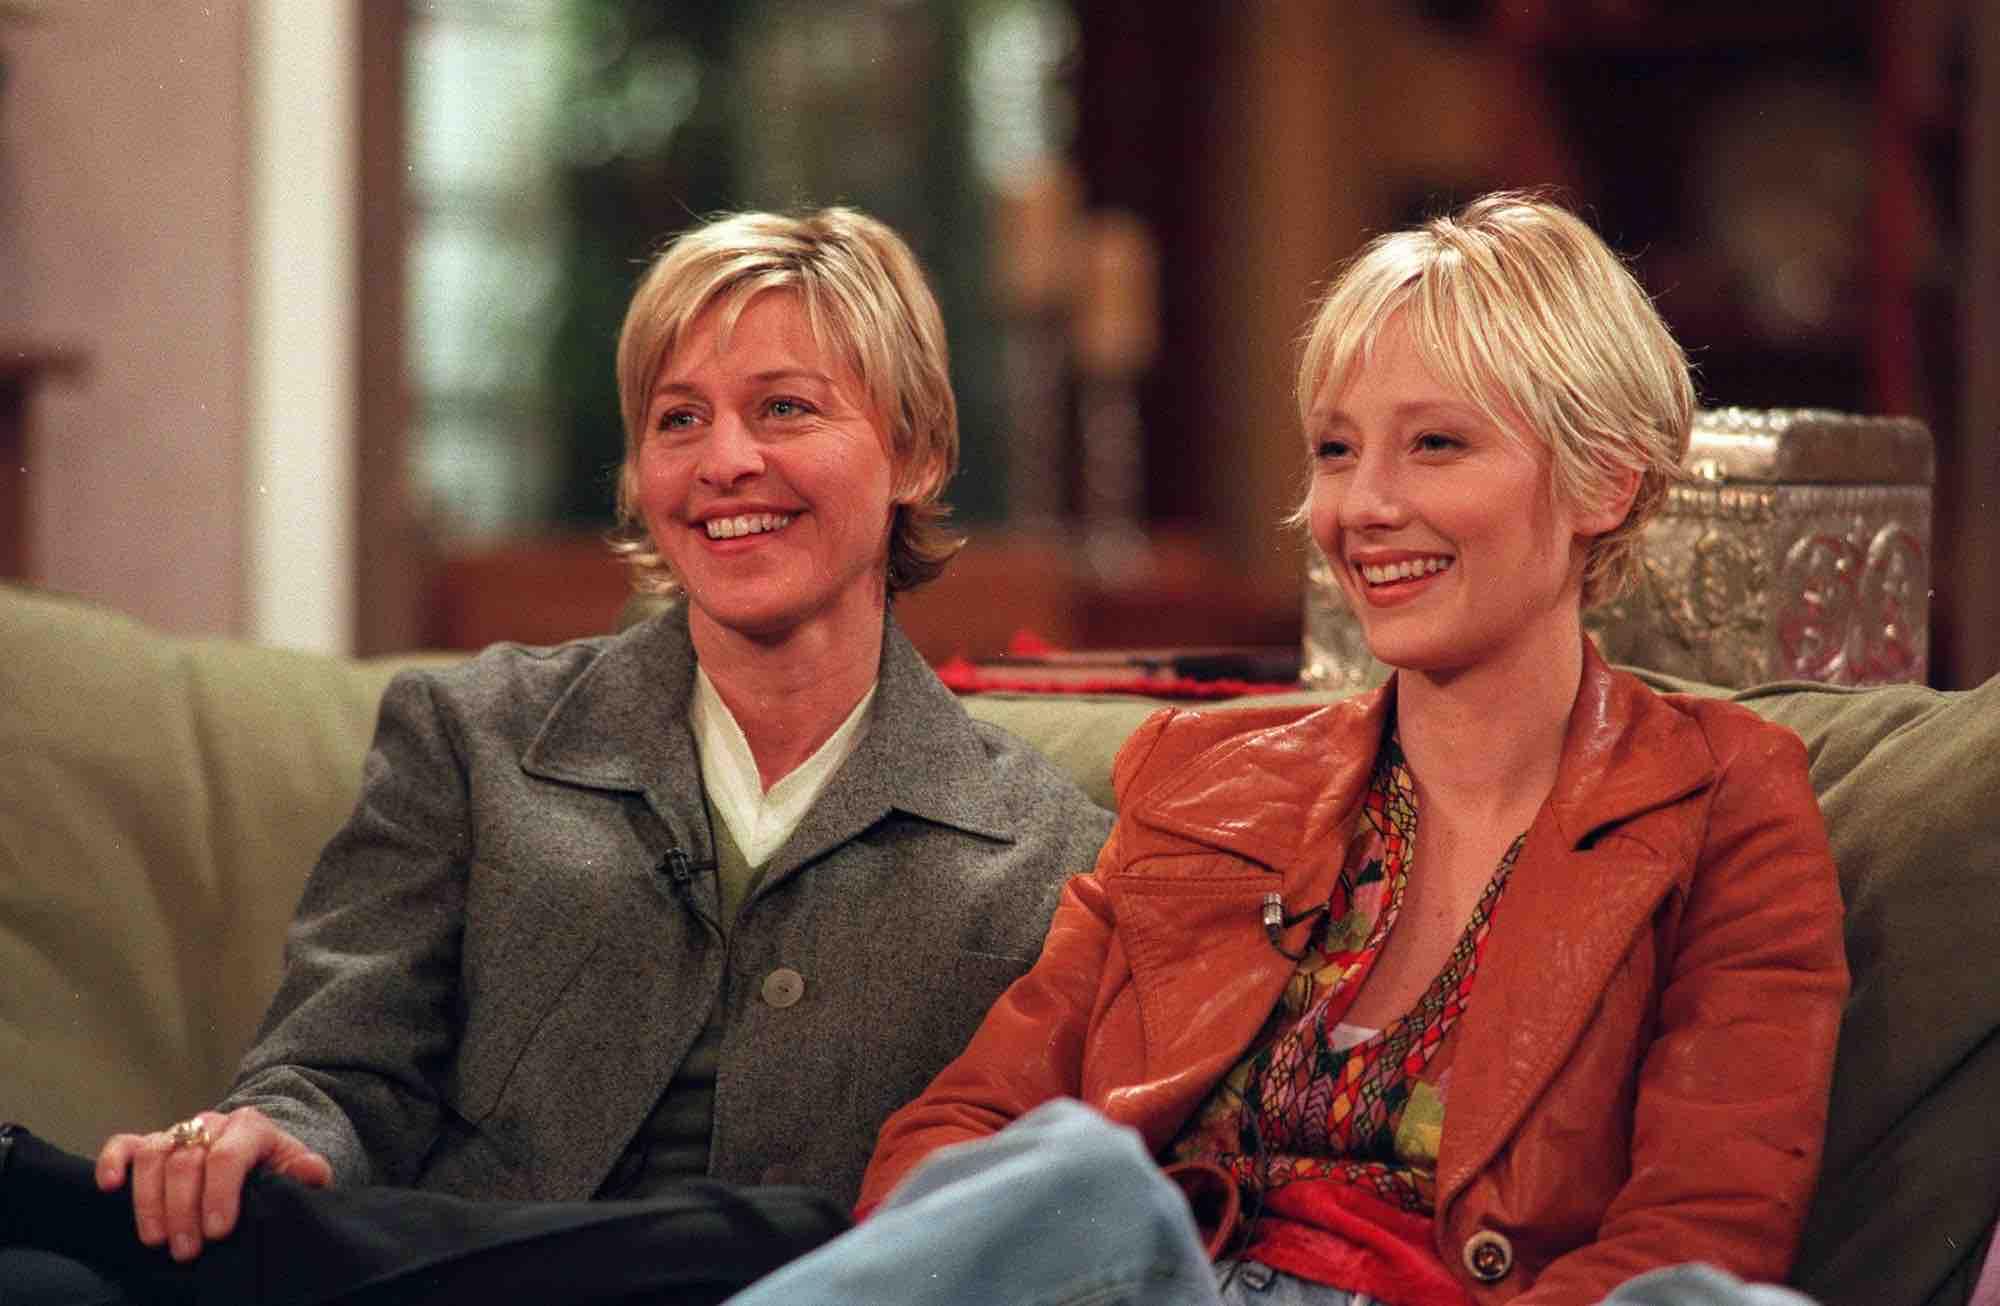 Ellen DeGeneres ex Anne Heche claims their romance